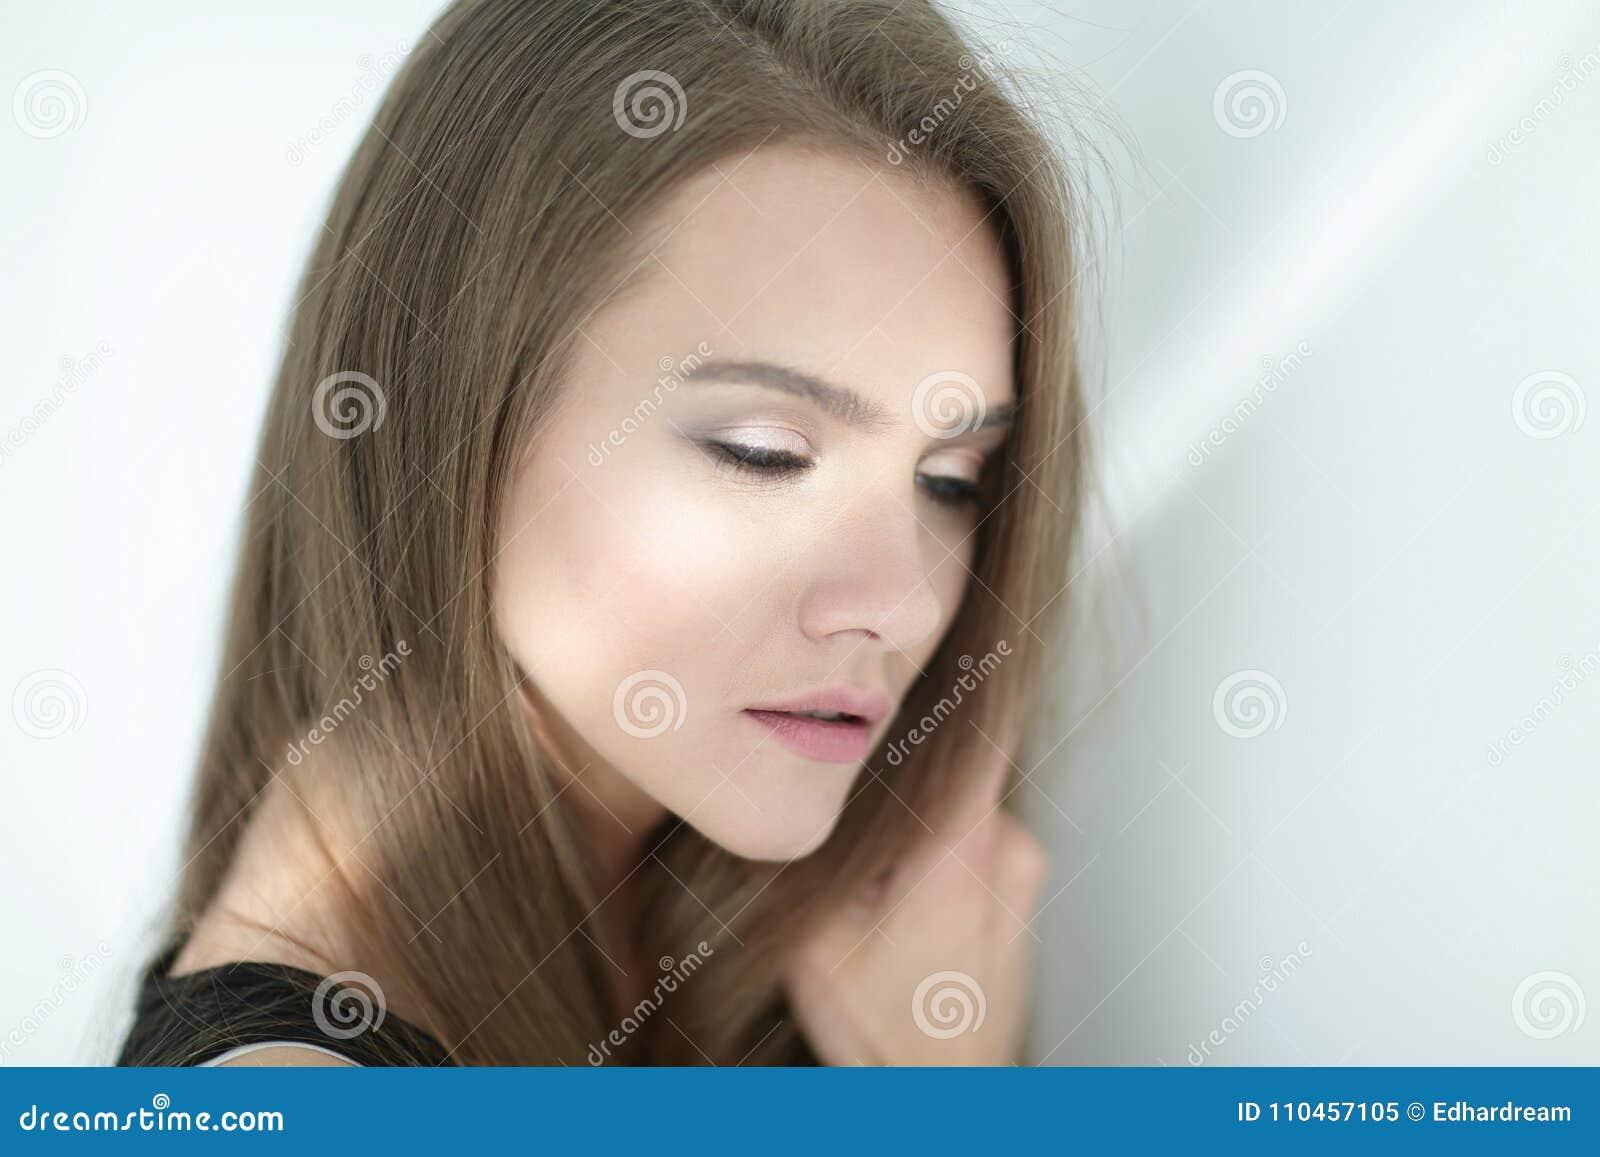 Closeup foto av en attraktiv ung kvinna